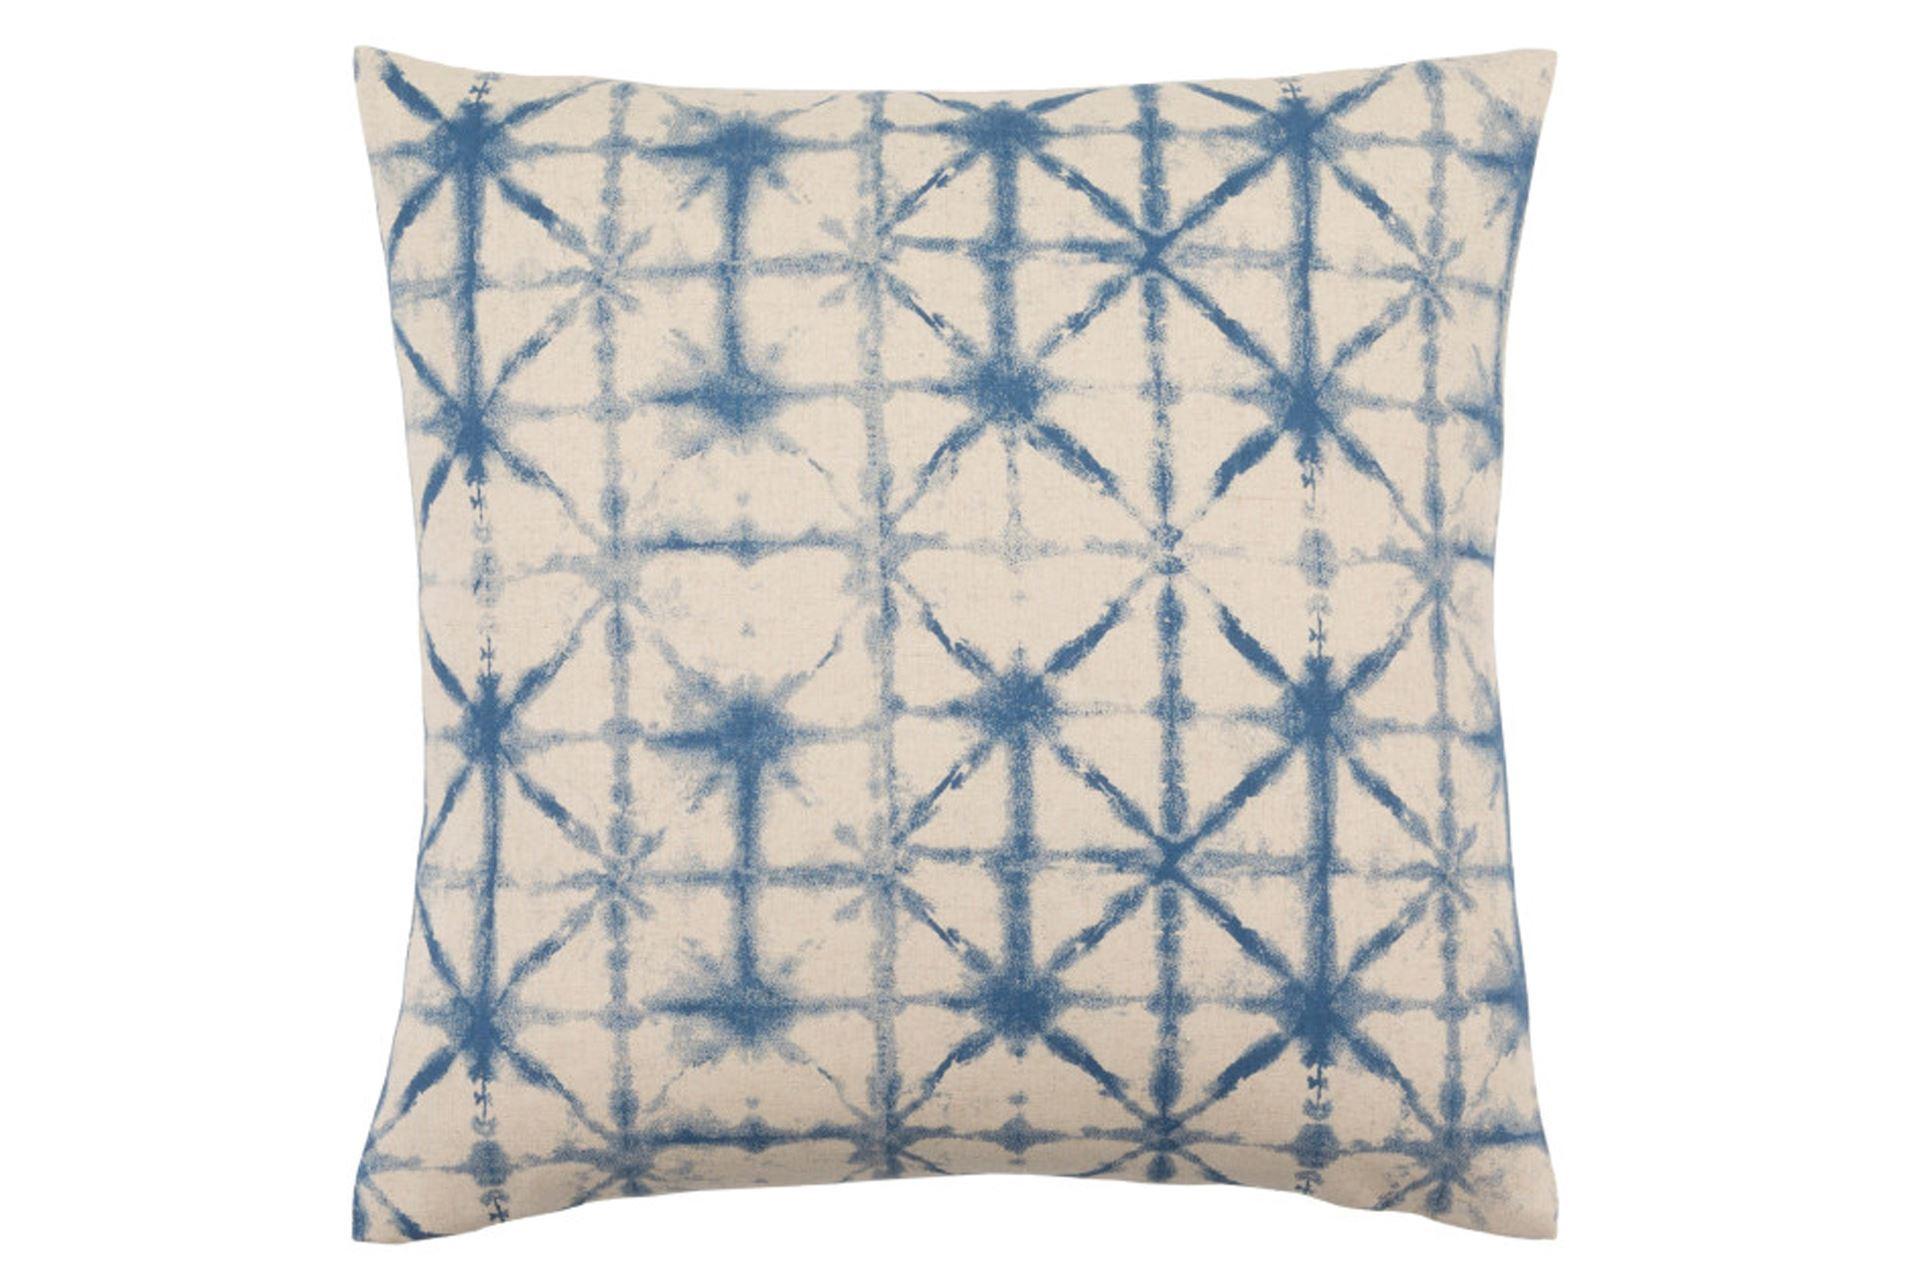 Decorative Pillows Living Spaces : Accent Pillow-Luna Cobalt 18X18 - Living Spaces